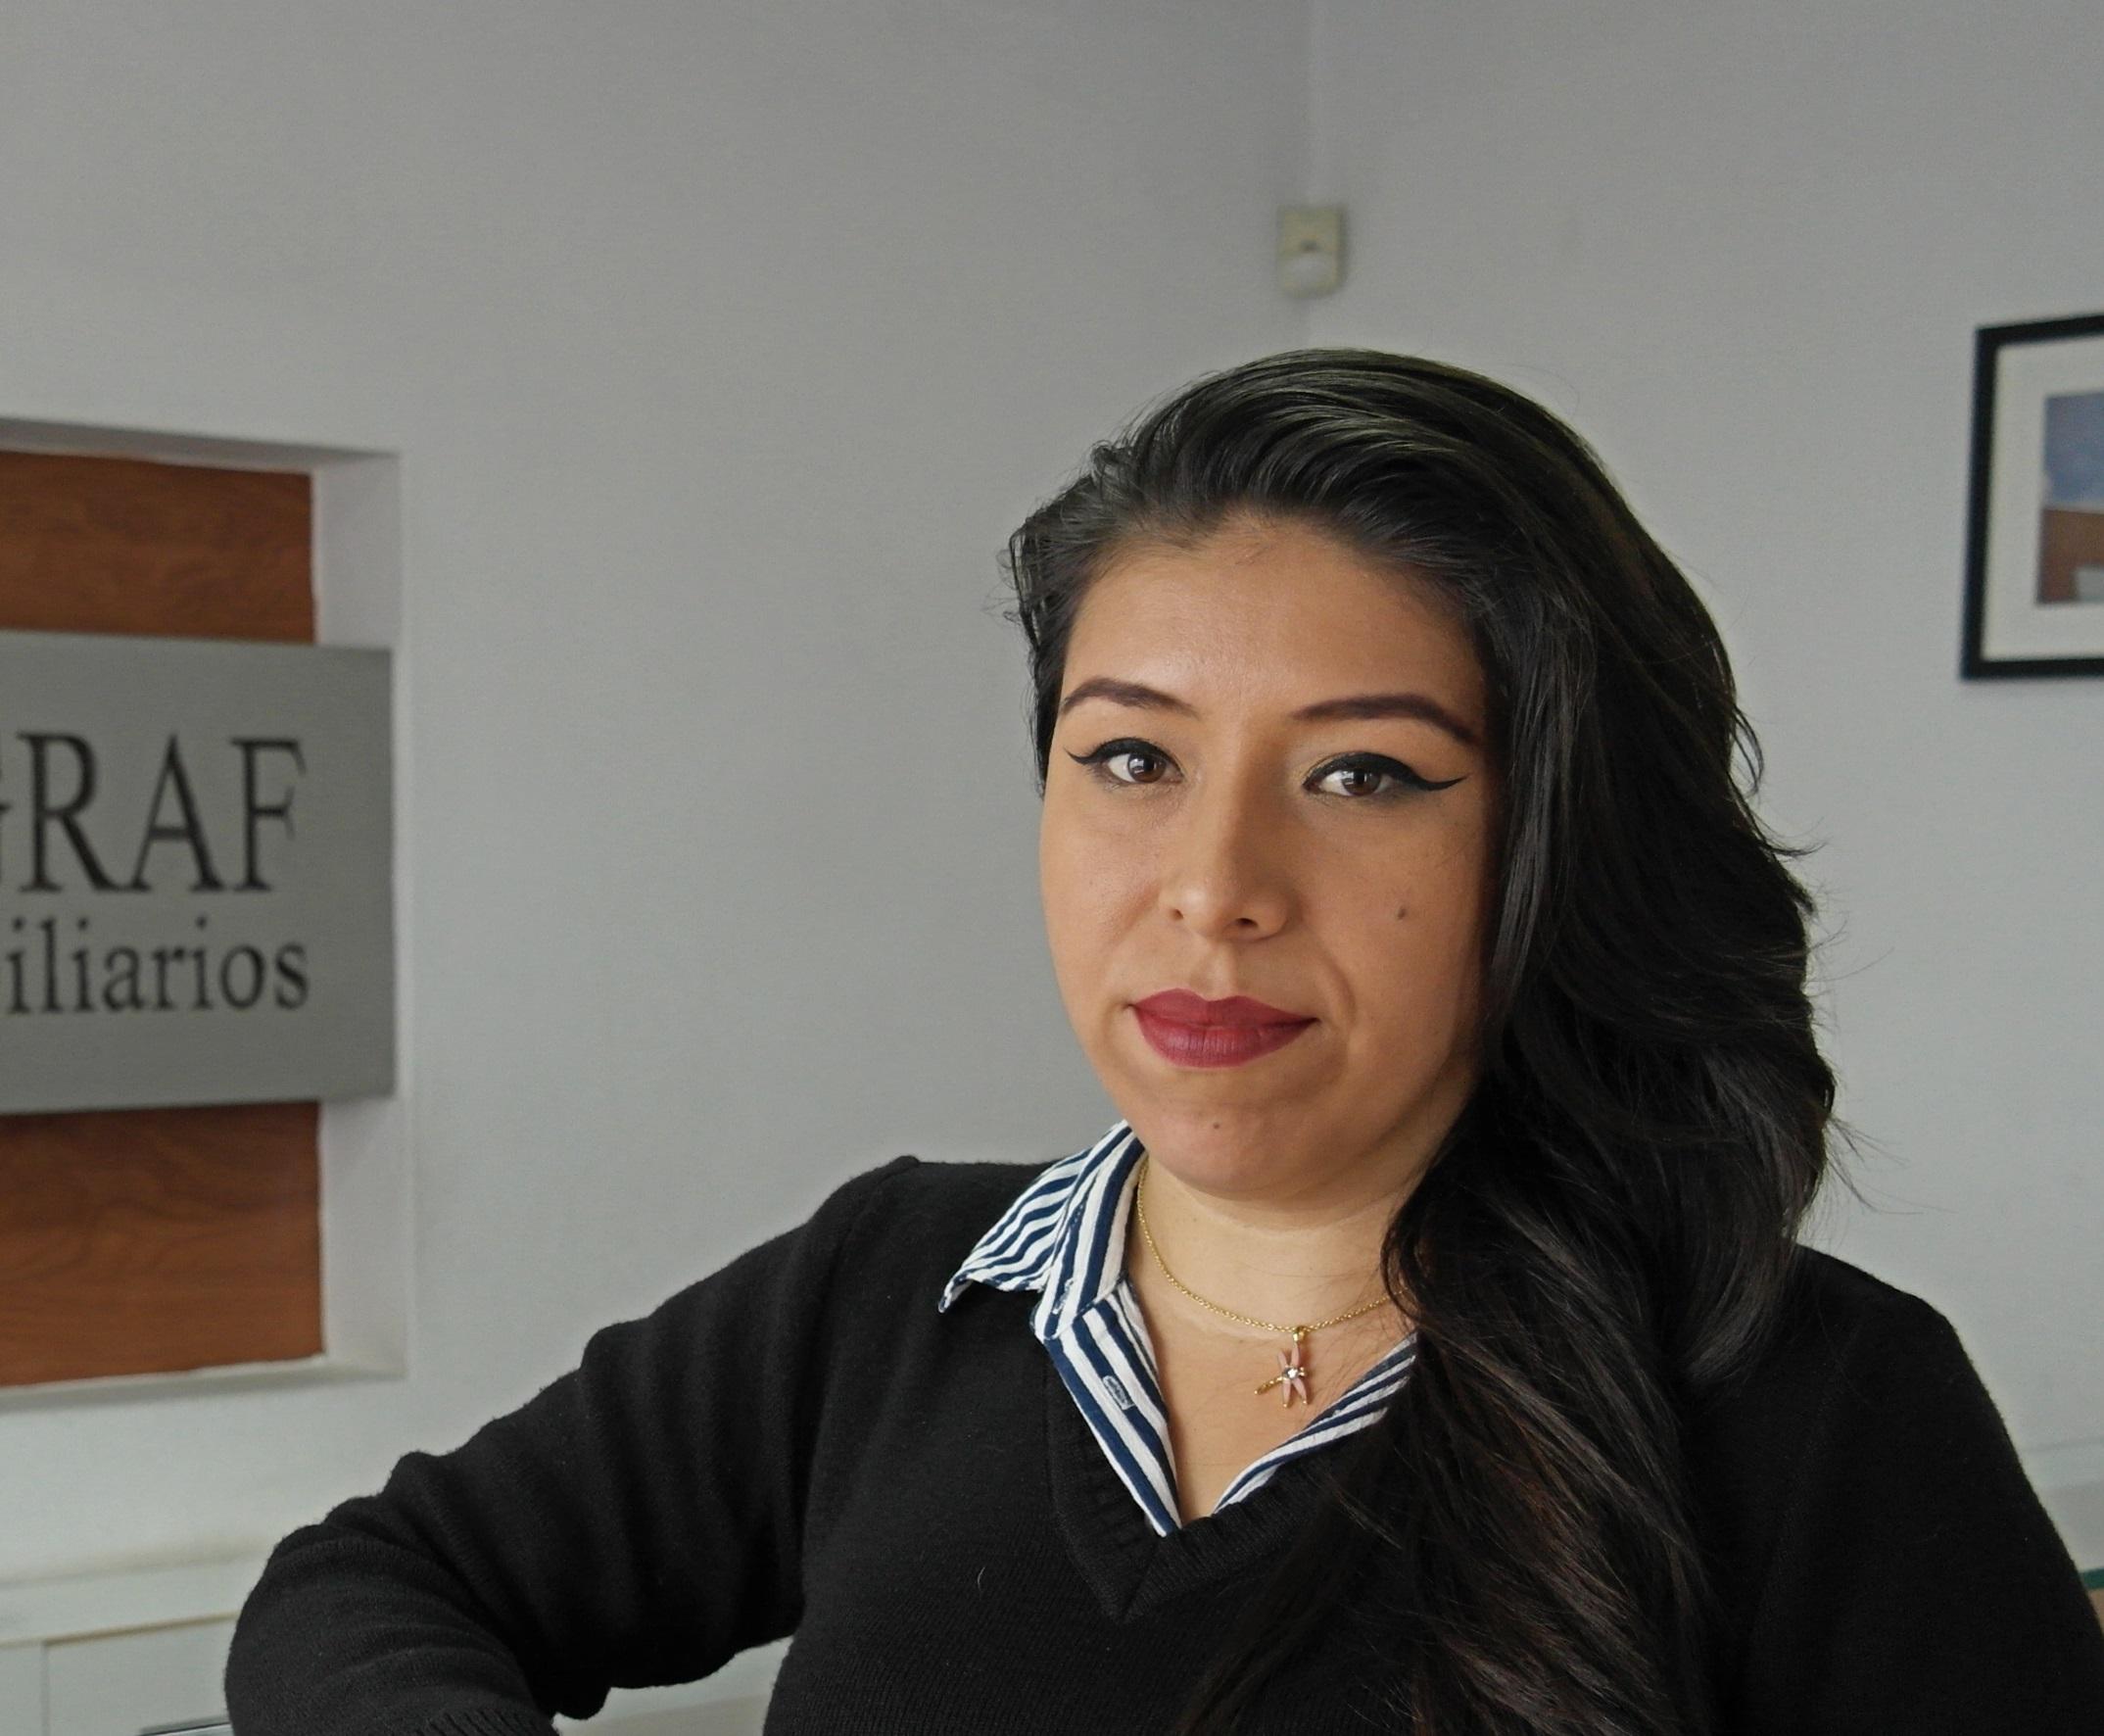 Estephany Campos